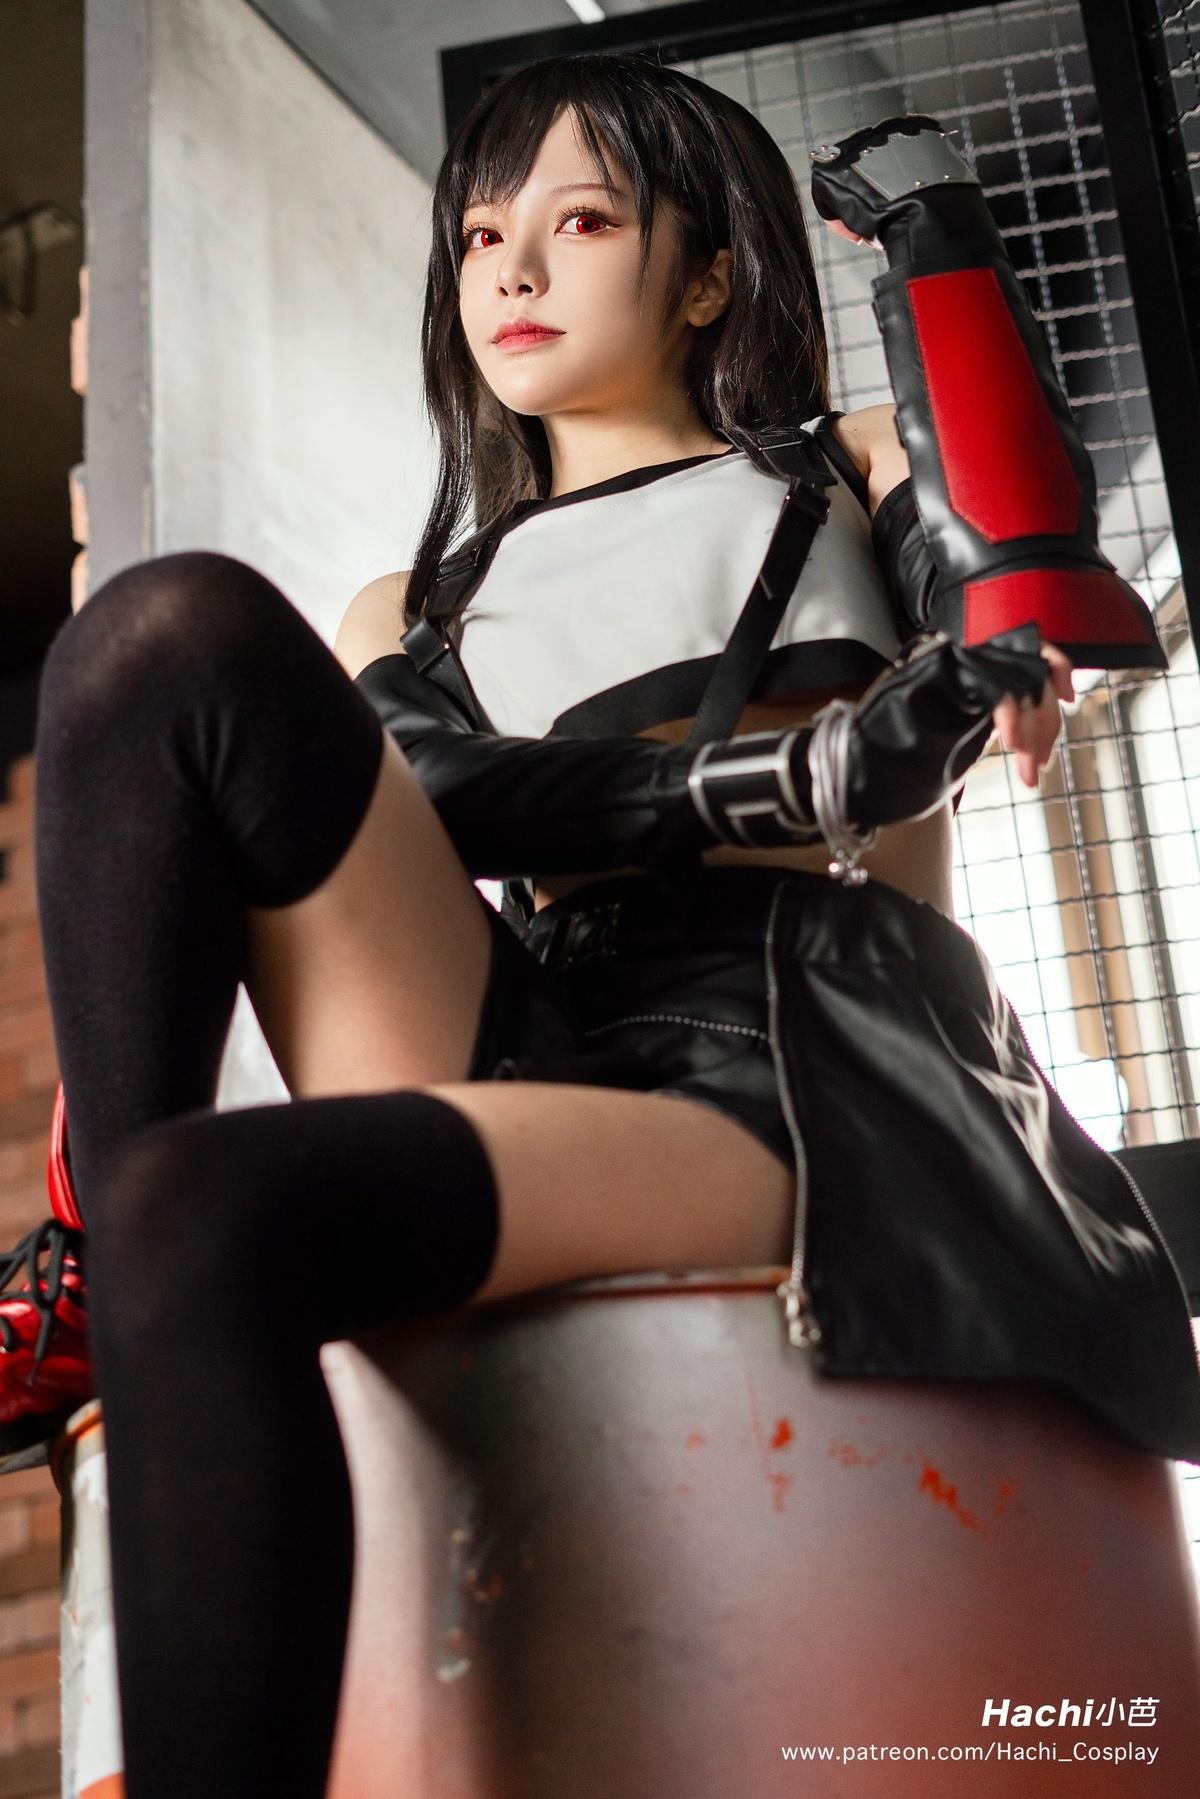 「微博萝莉」Hachi 小芭 NO.001 蒂法